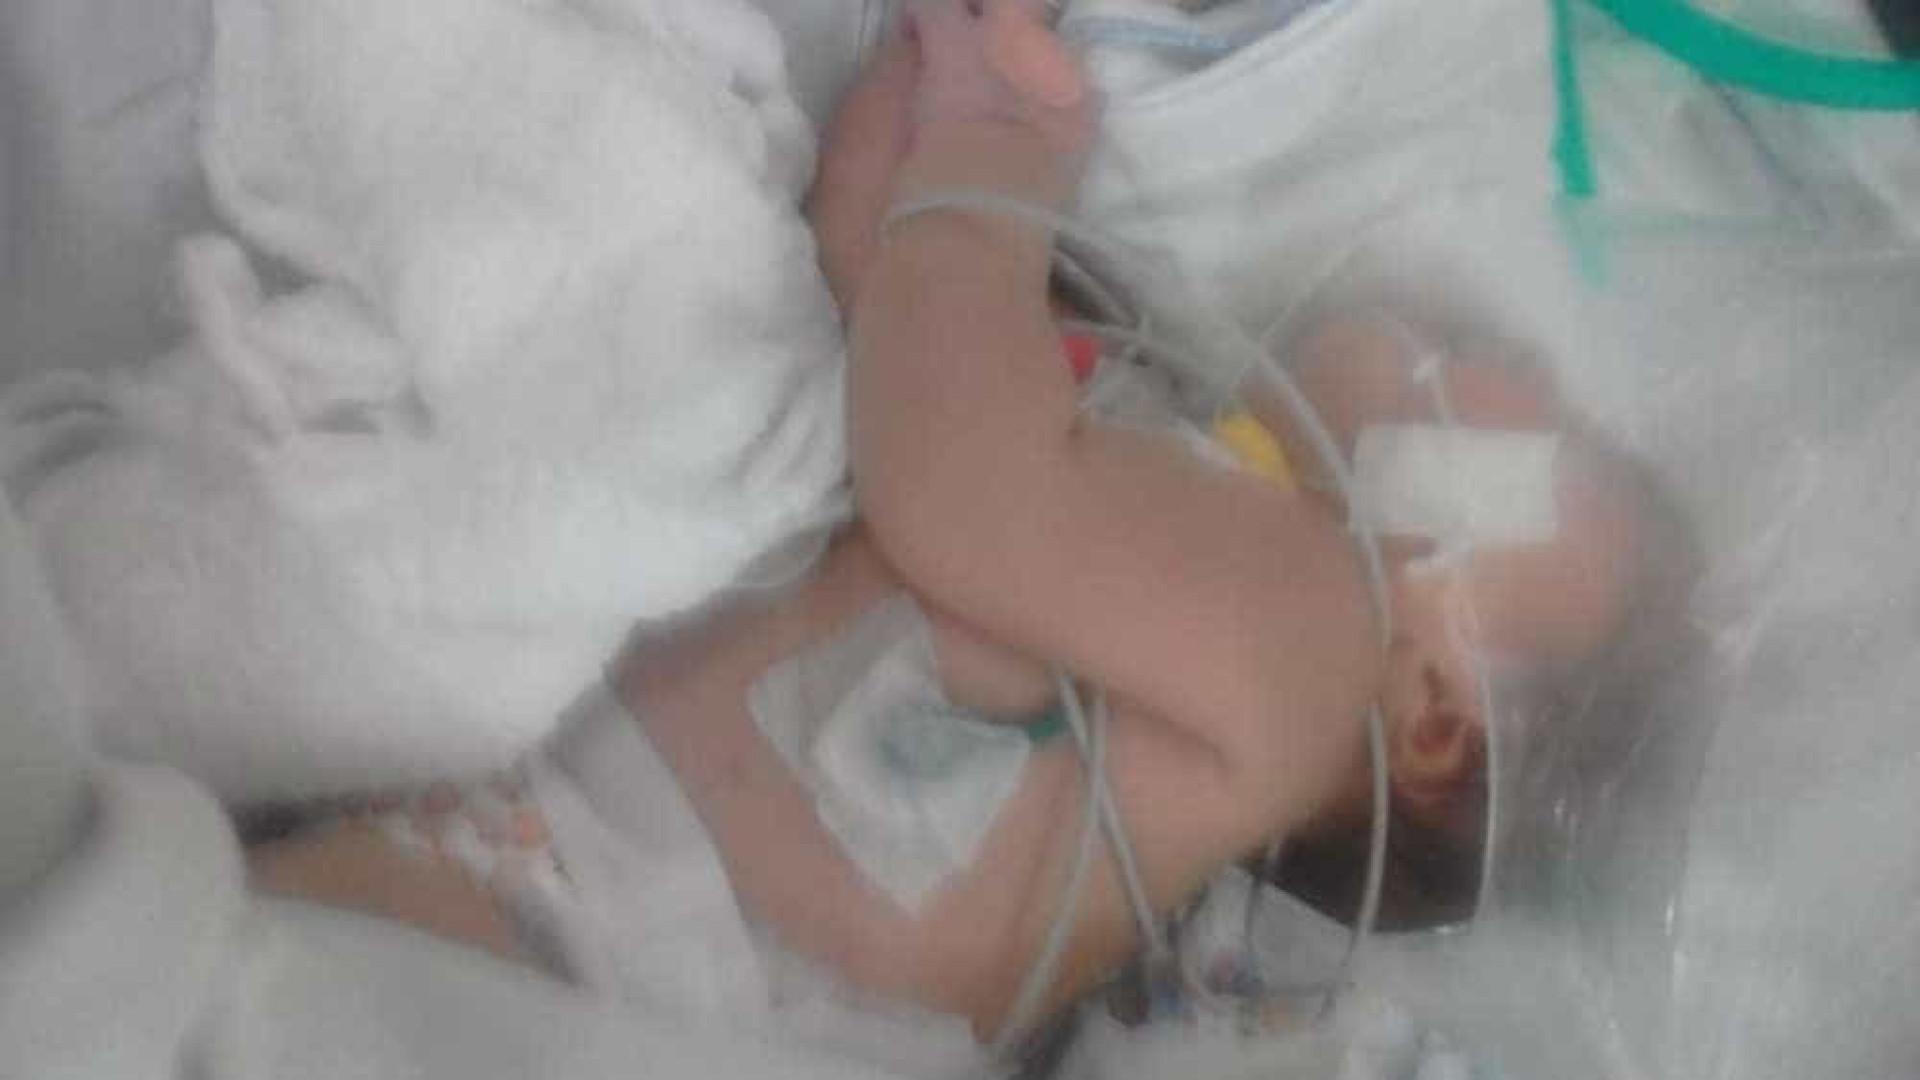 Pediatra diz que bebê chegou ao hospital com escorpião preso ao corpo